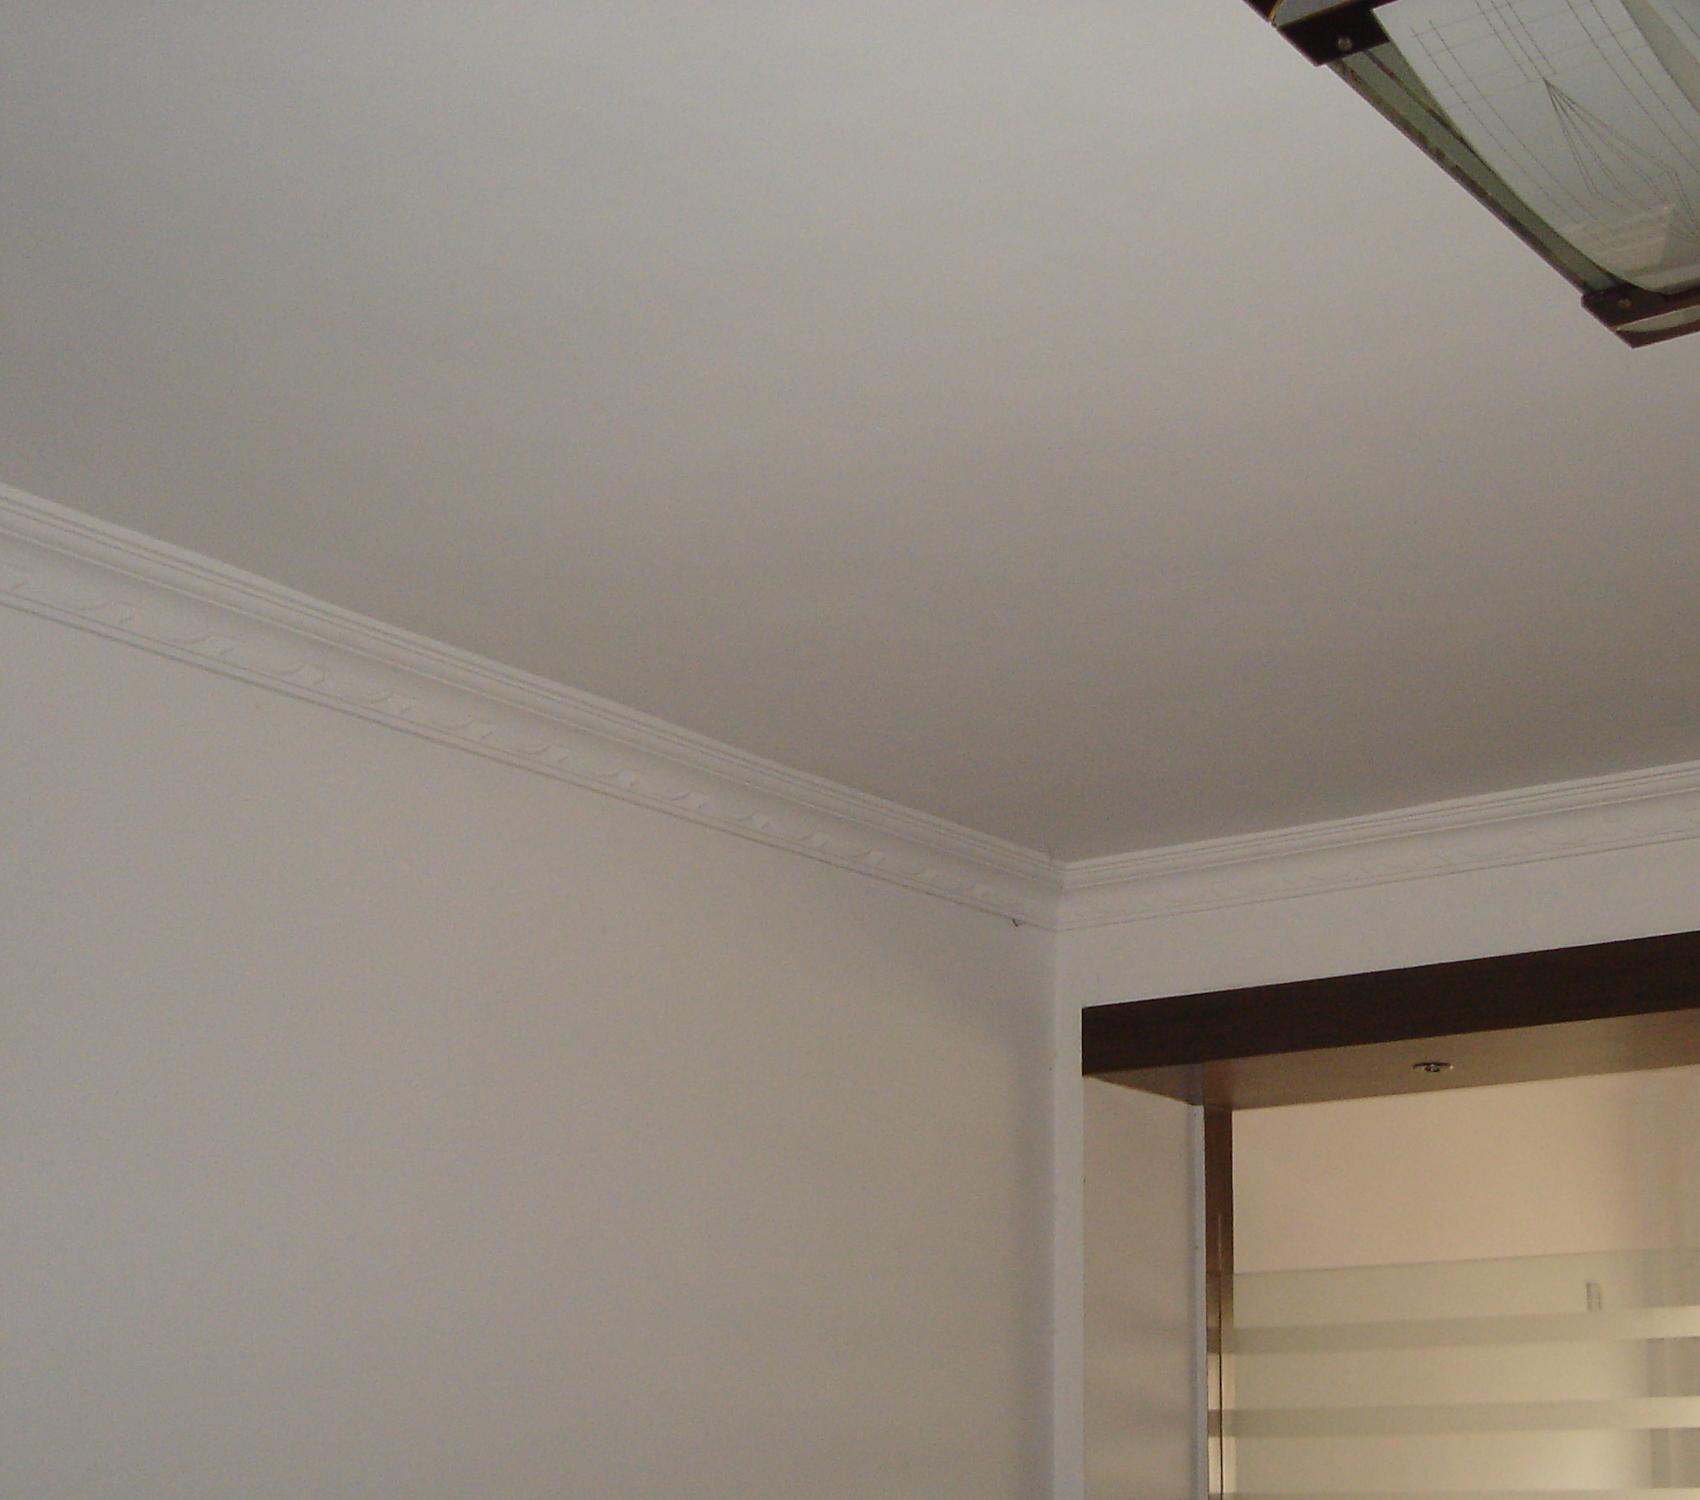 装修须知:石膏线安装的注意事项有哪些?